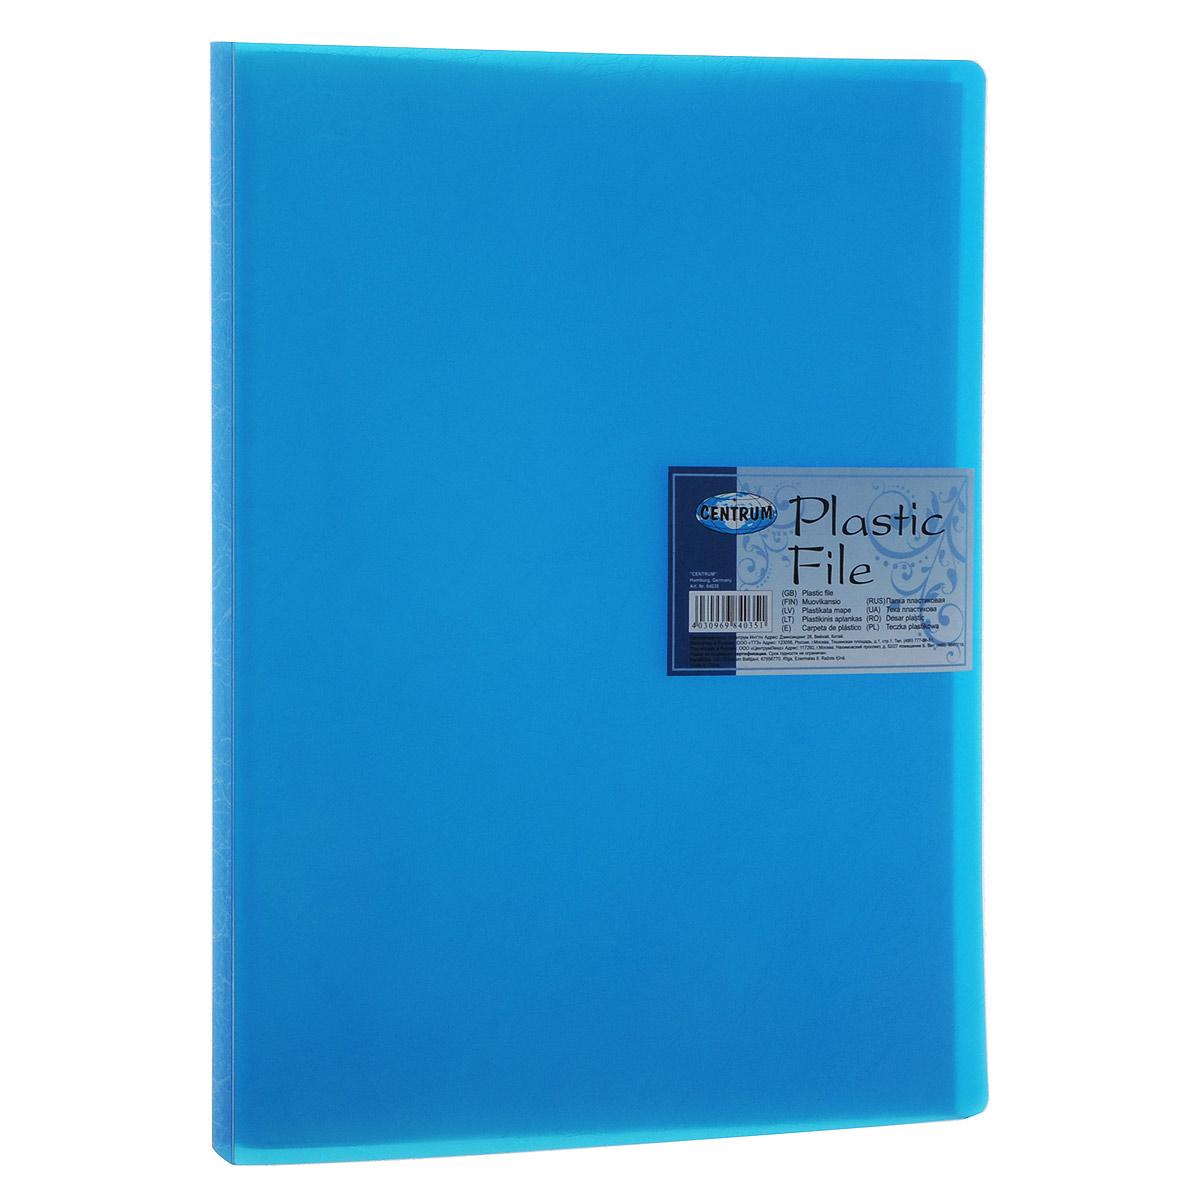 Centrum Папка с файлами Soft Touch 20 листов цвет синийFS-36054Папка Centrum Soft Touch с 20 прозрачными вкладышами-файлами предназначена для хранения и презентации документов формата А4. Папка изготовлена из полупрозрачного фактурного пластика, благодаря чему документы, помещенные в нее, будут надежно защищены. Прочное соединение папки и вкладышей обеспечено за счет их лазерной сварки. Углы папки закруглены.Папка надежно сохранит ваши документы и сбережет их от повреждений, пыли и влаги.